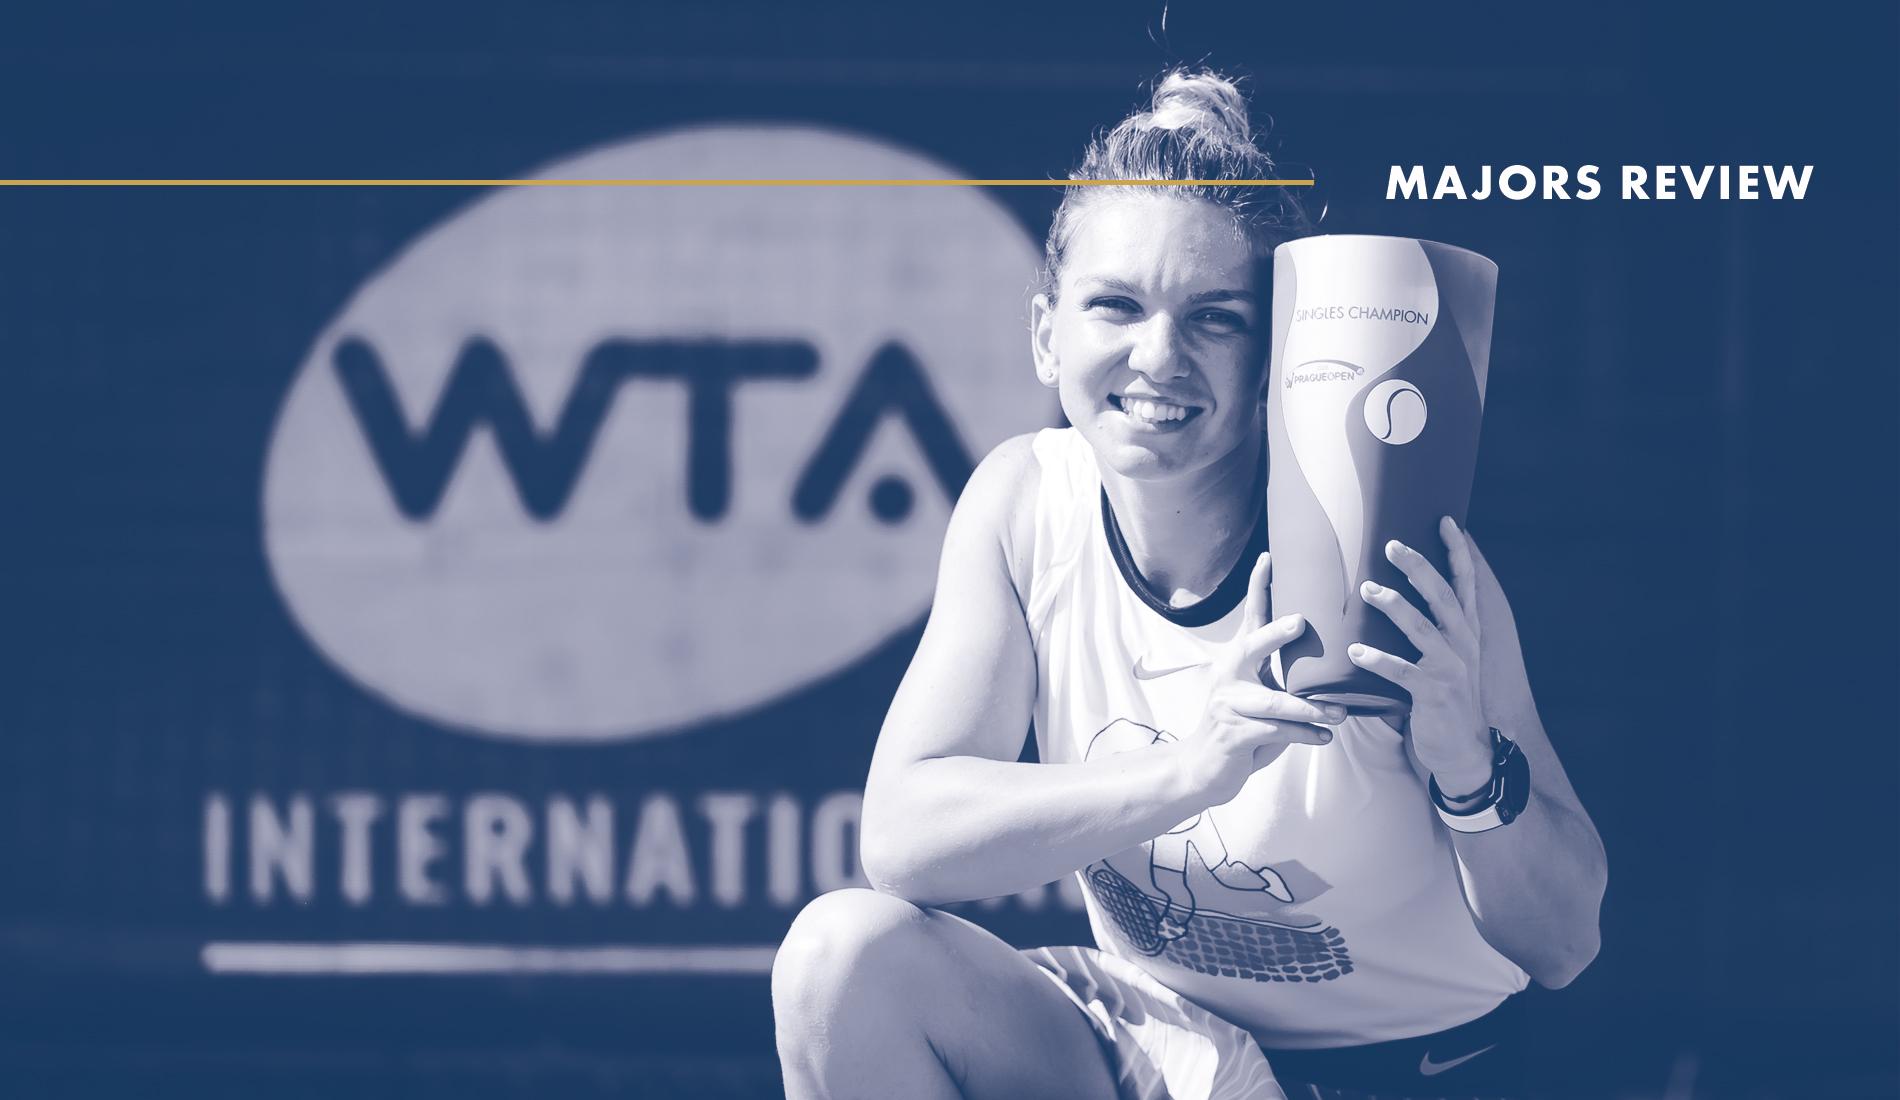 Simona Halep, Prague 2020 : Tennis Majors Review